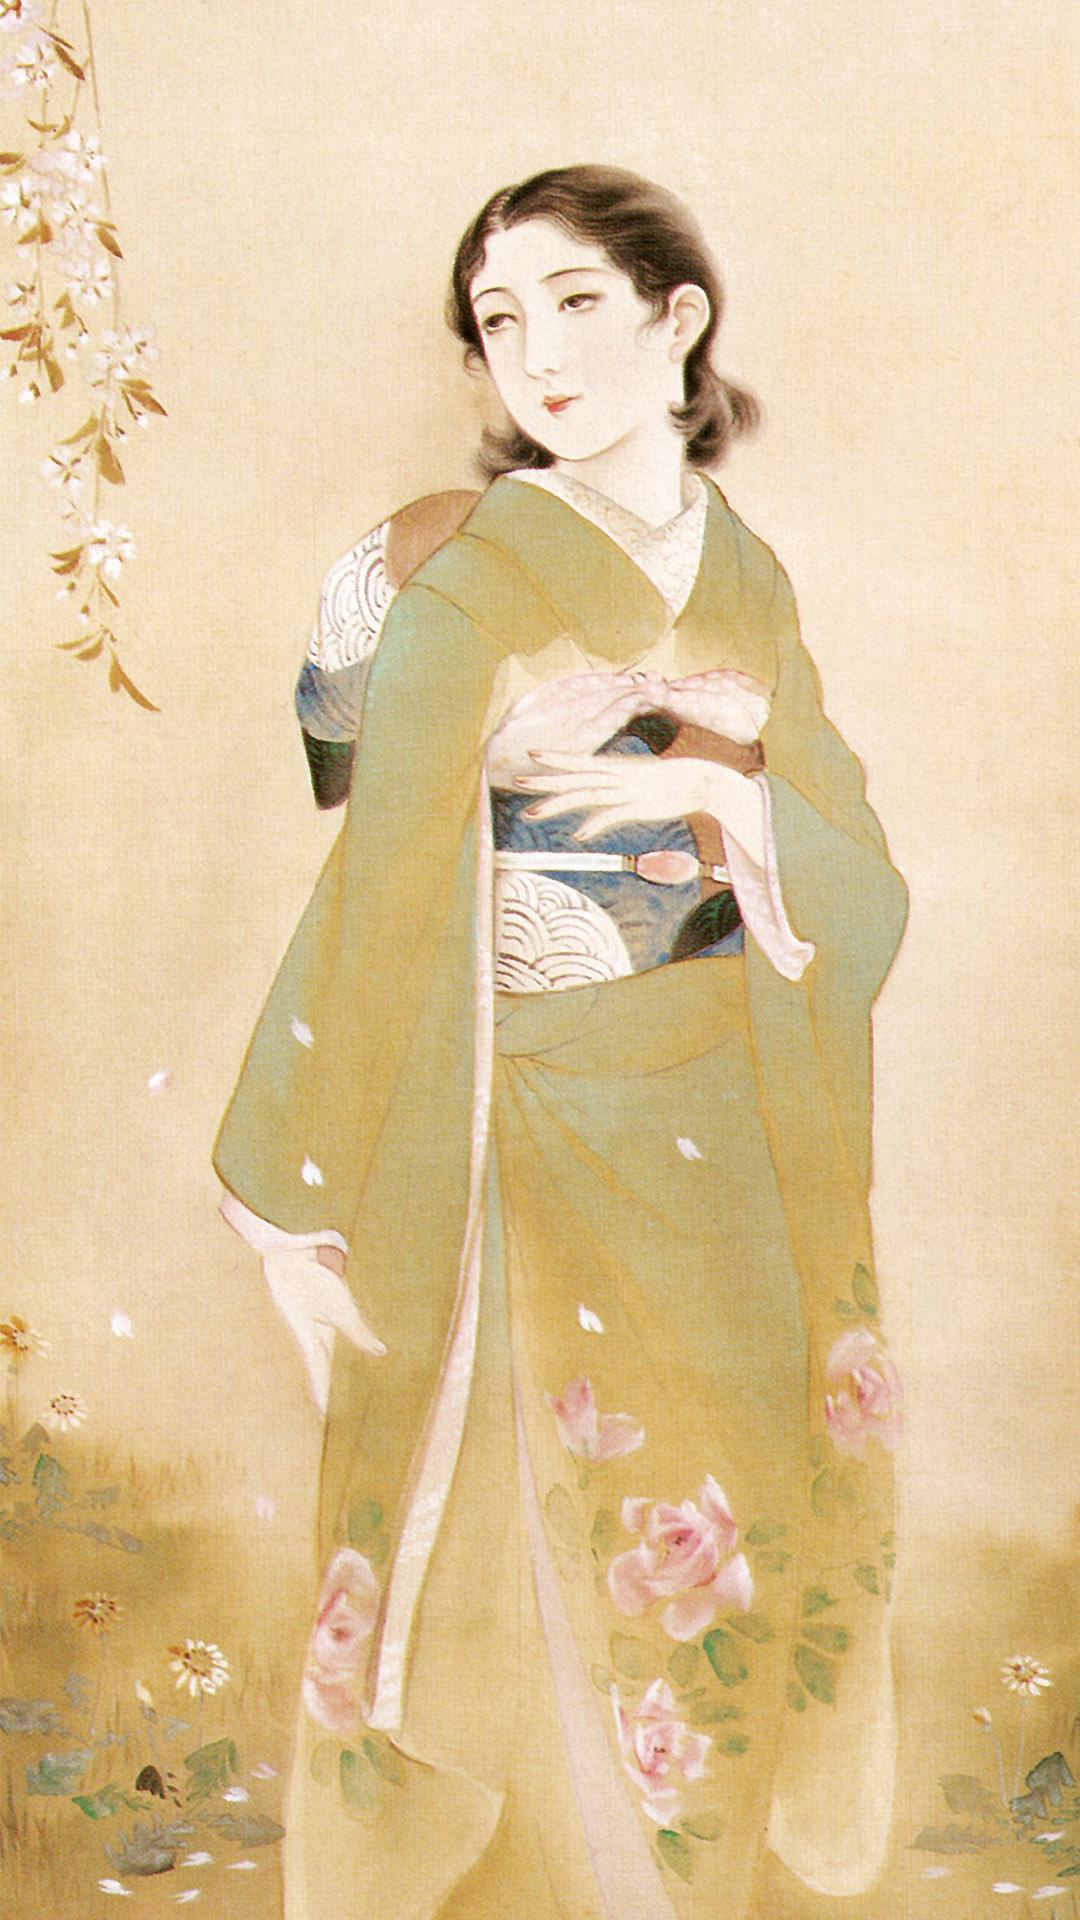 高畠華宵 惜春賦 Takabatake Kasho - Sekishunfu 1080x1920 2